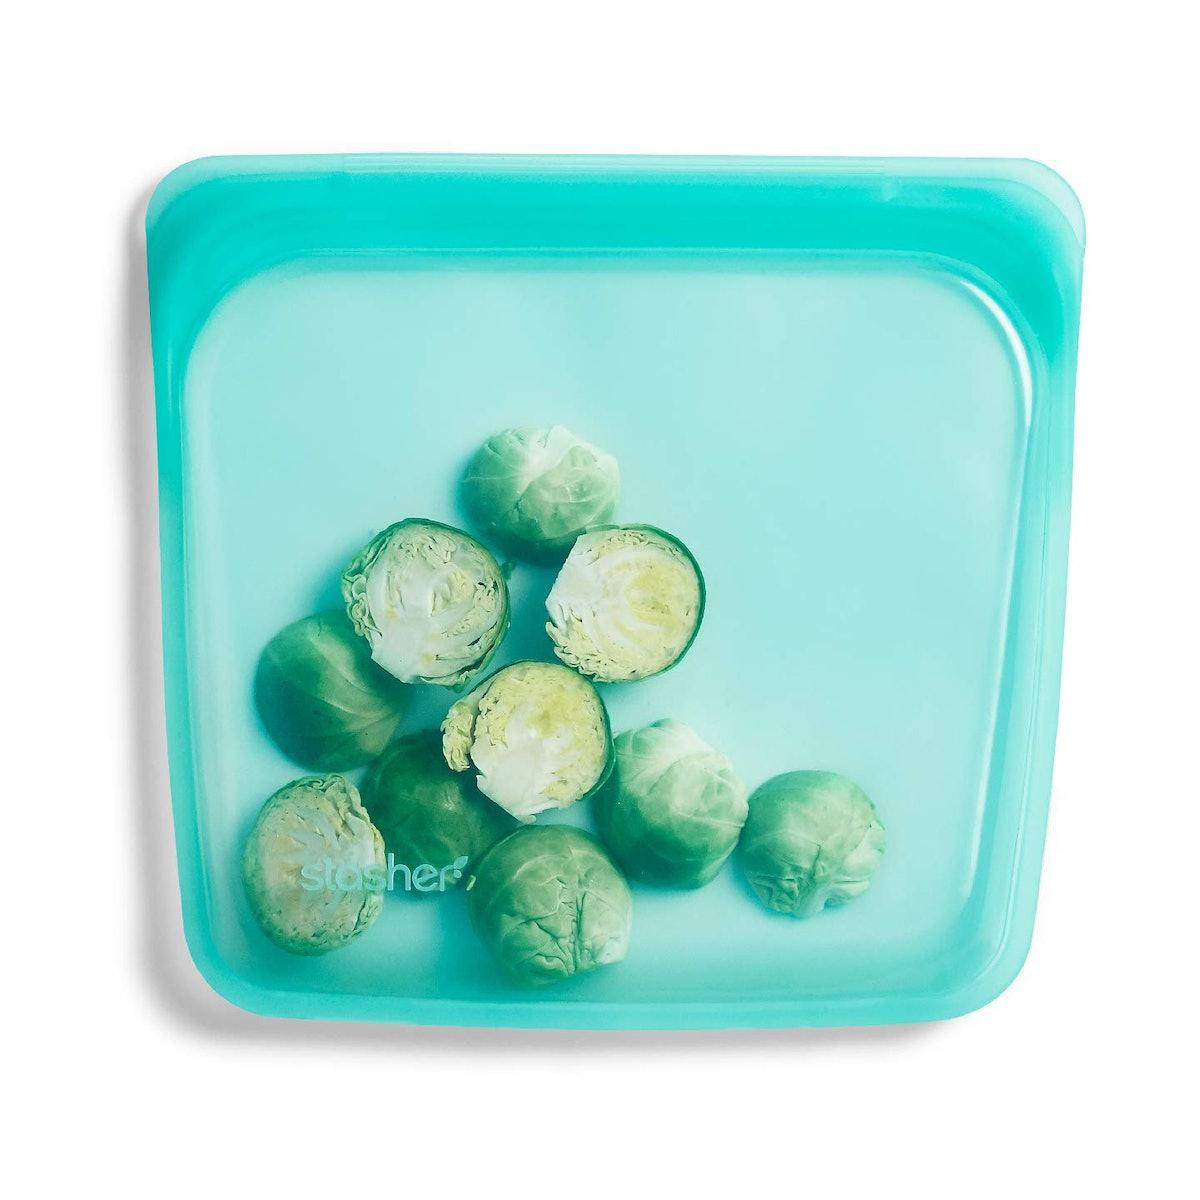 Stasher Silicone Food Bag